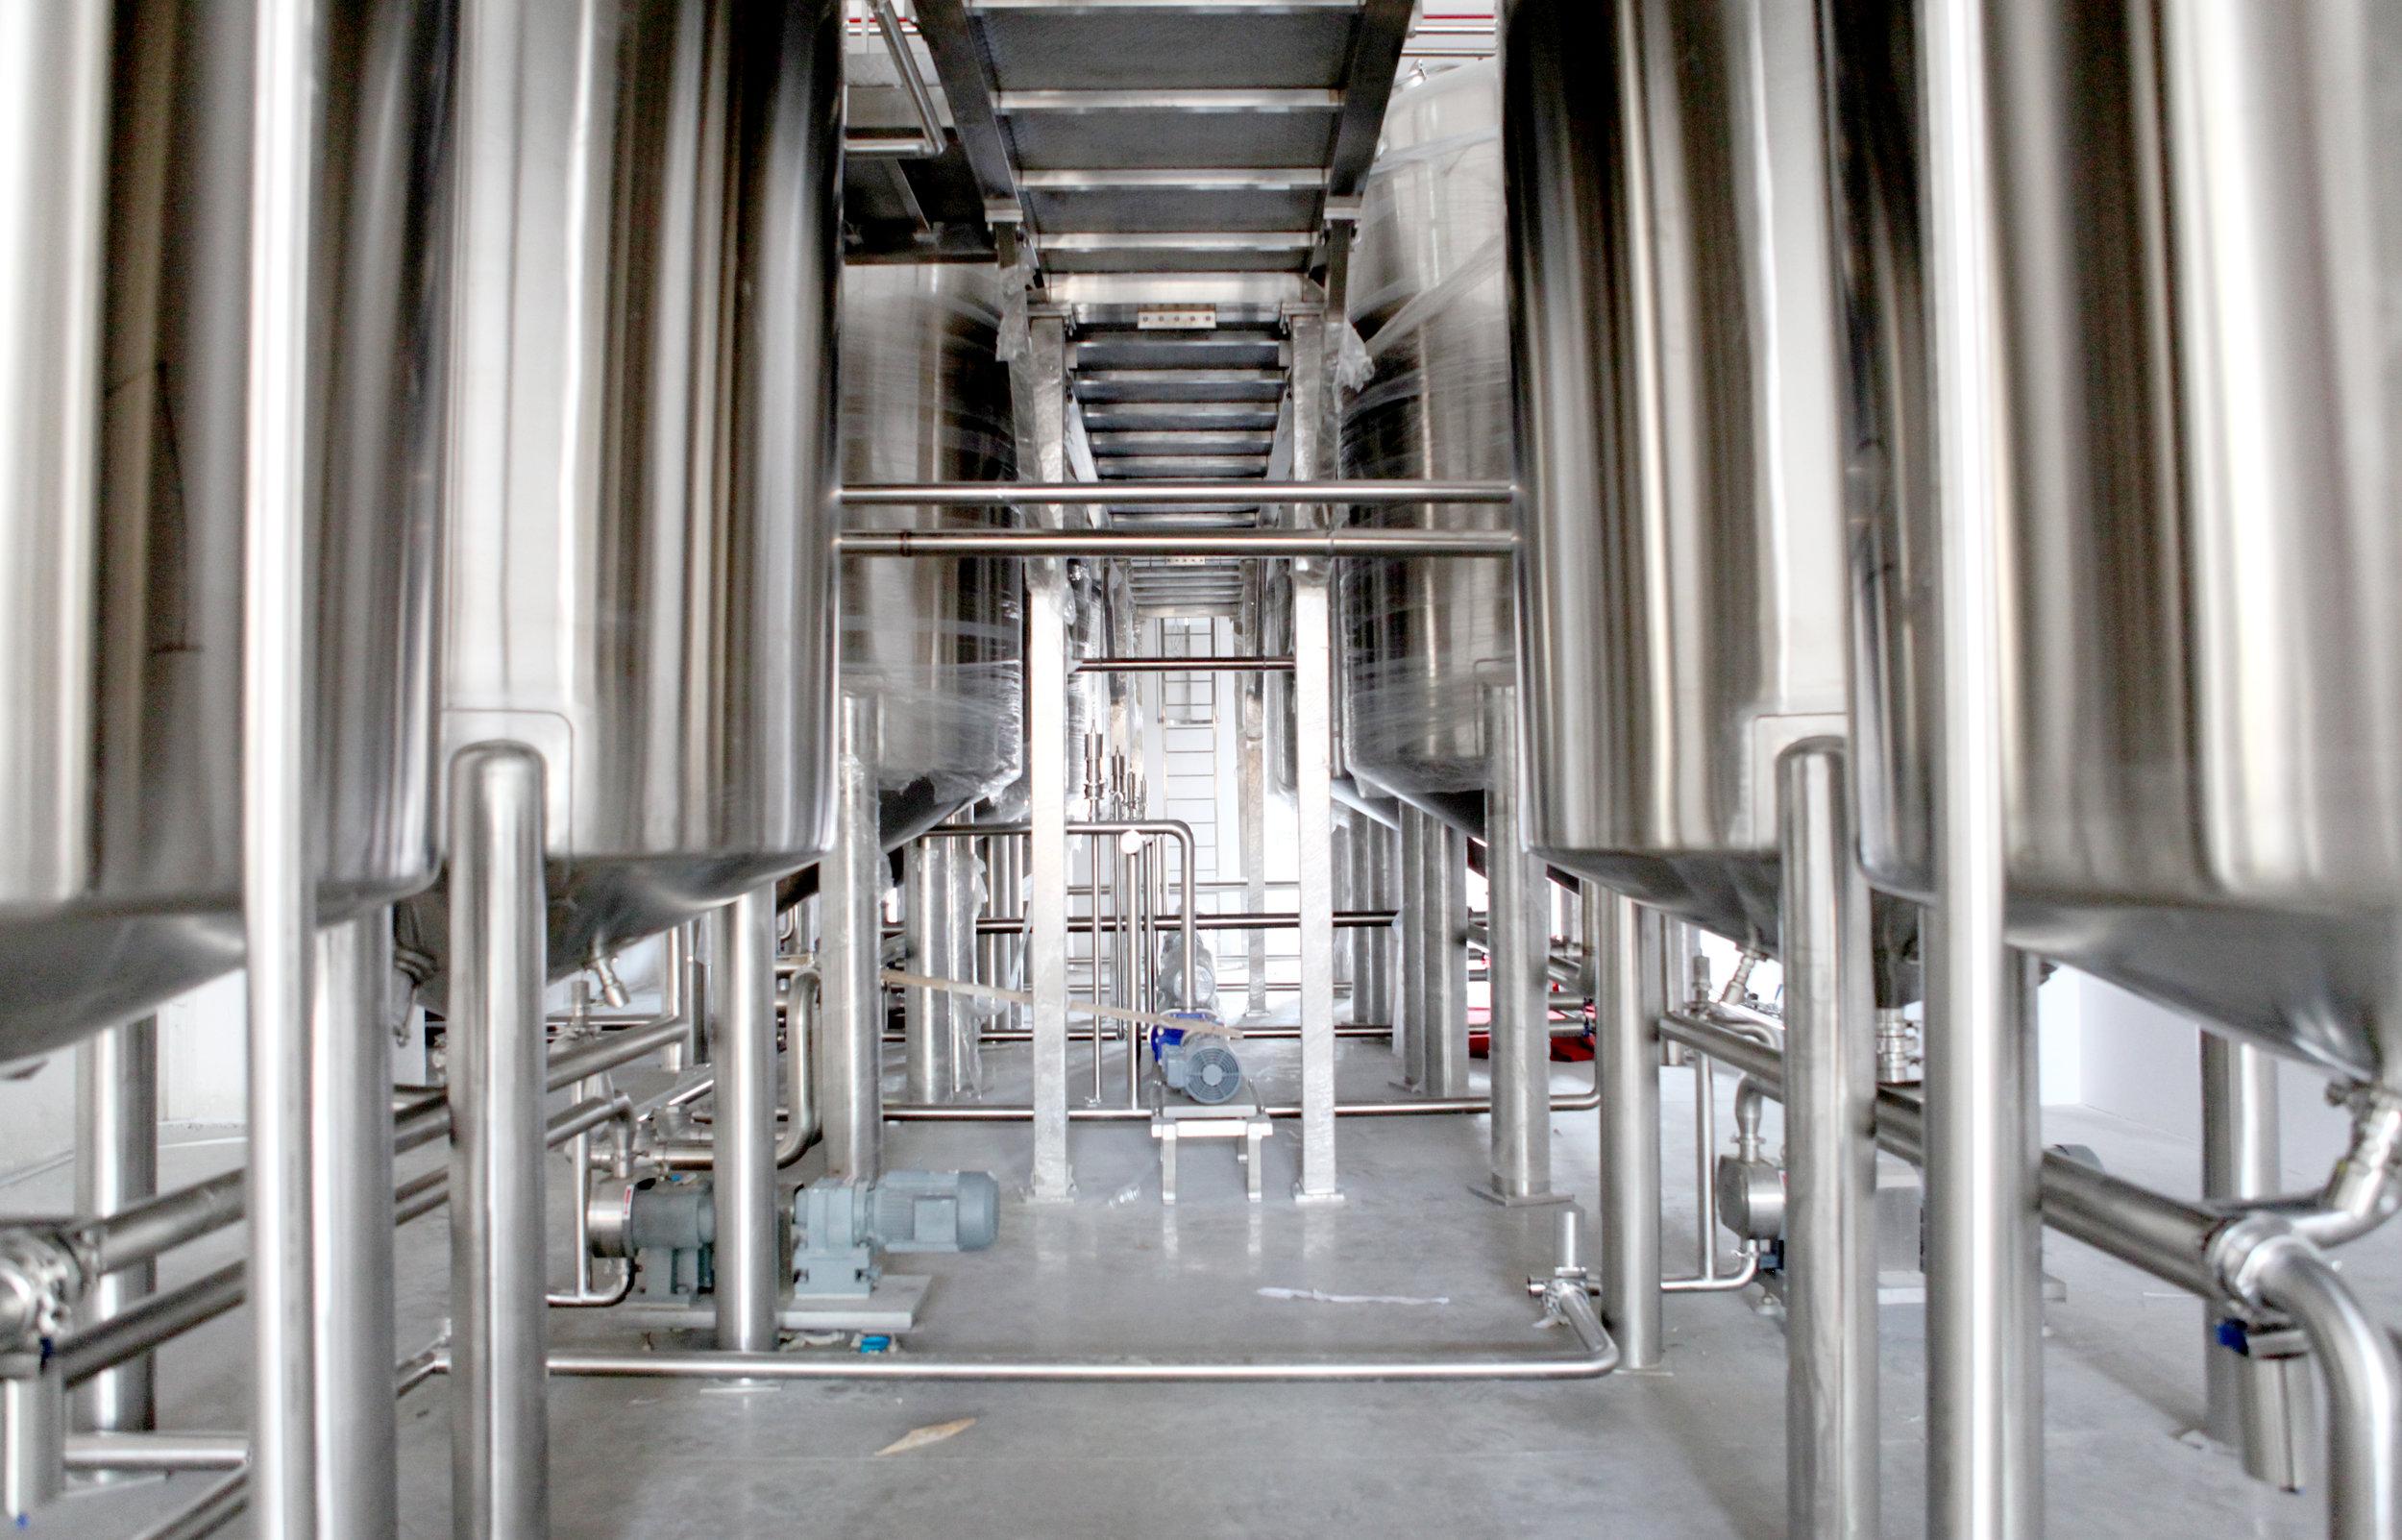 Longjeviteas-commercial-bottling-operation.jpg